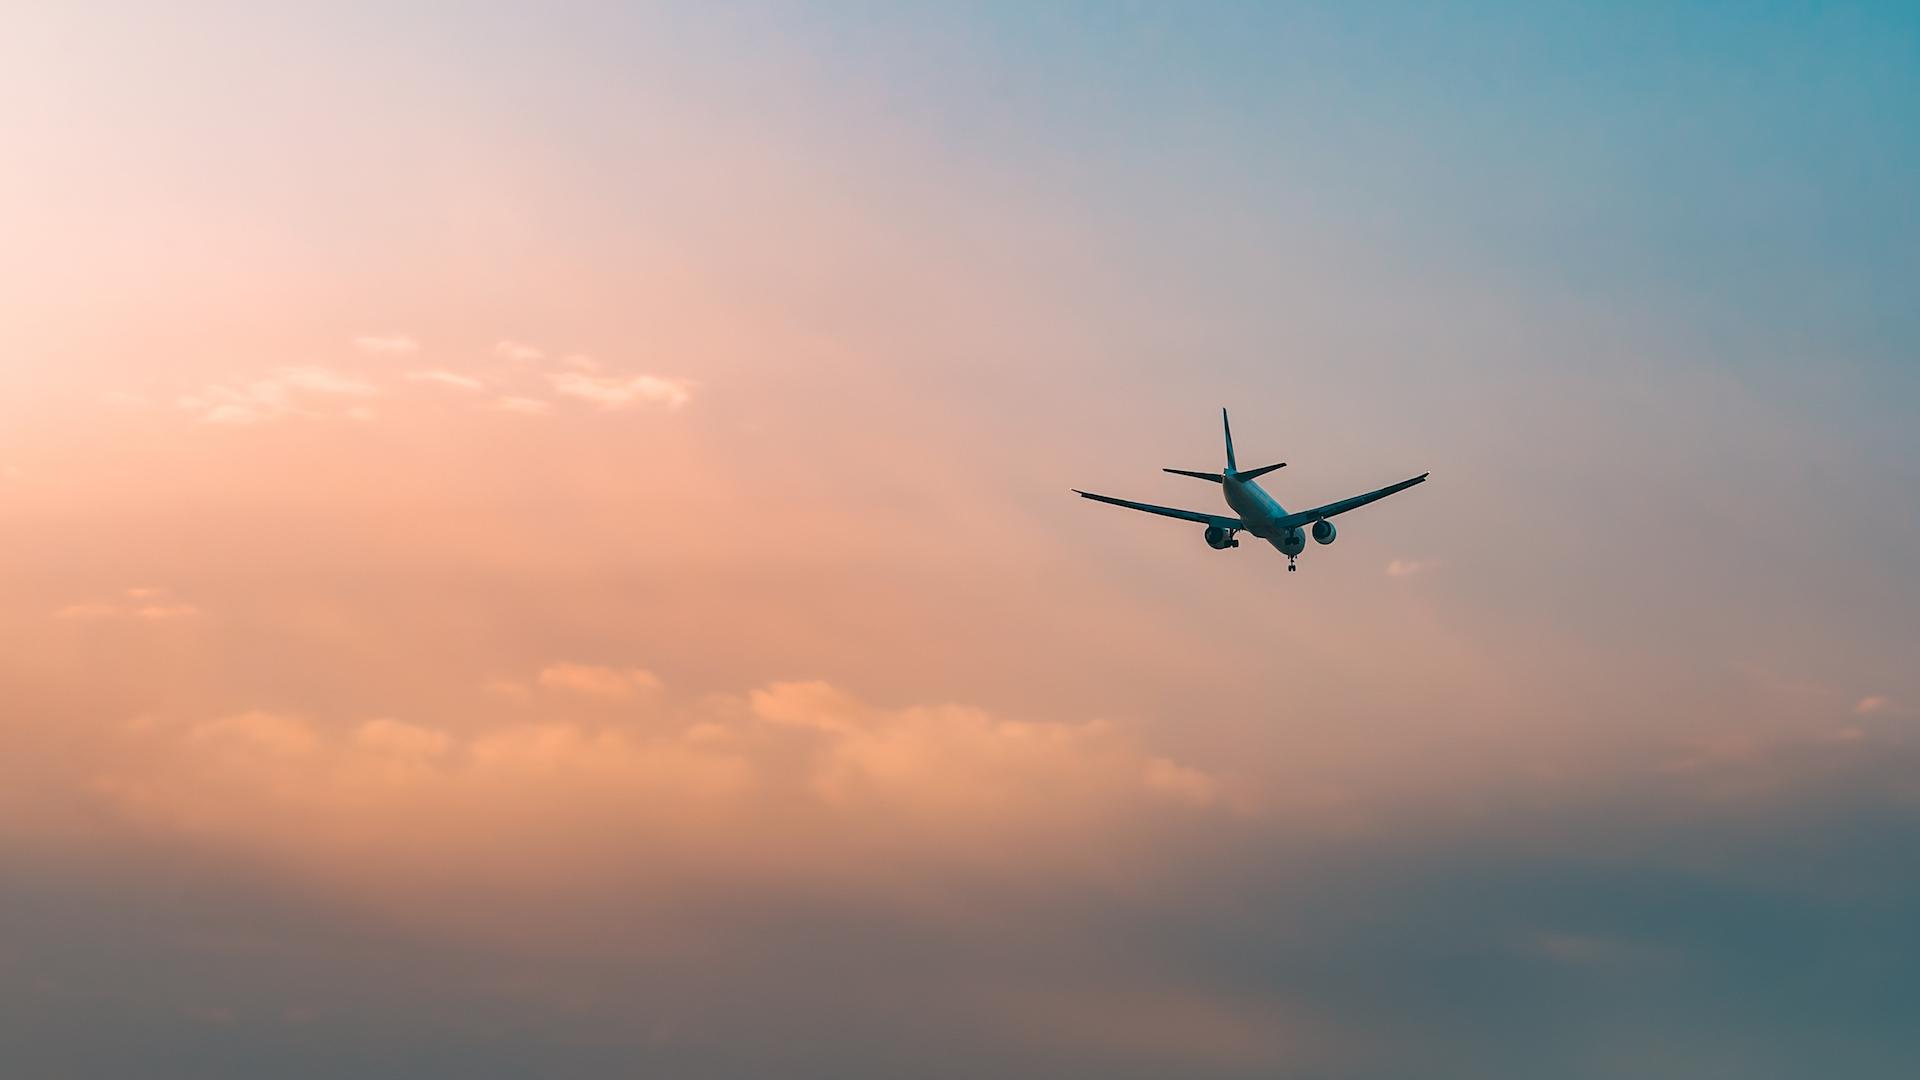 Fechas de vuelos aprobados para volar en junio desde y hacia Argentina